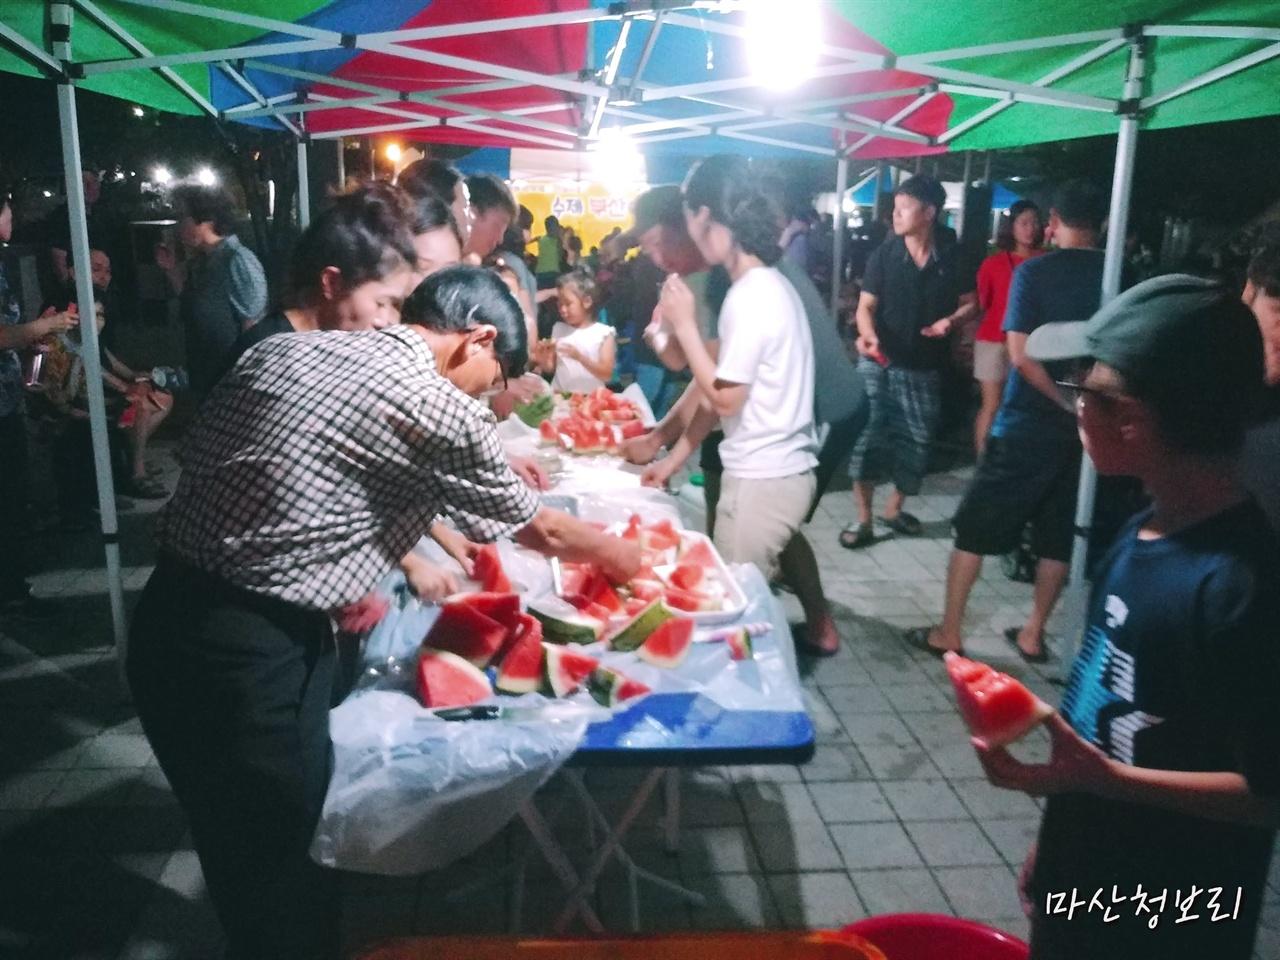 수박을 나눠 먹는 입주민분들